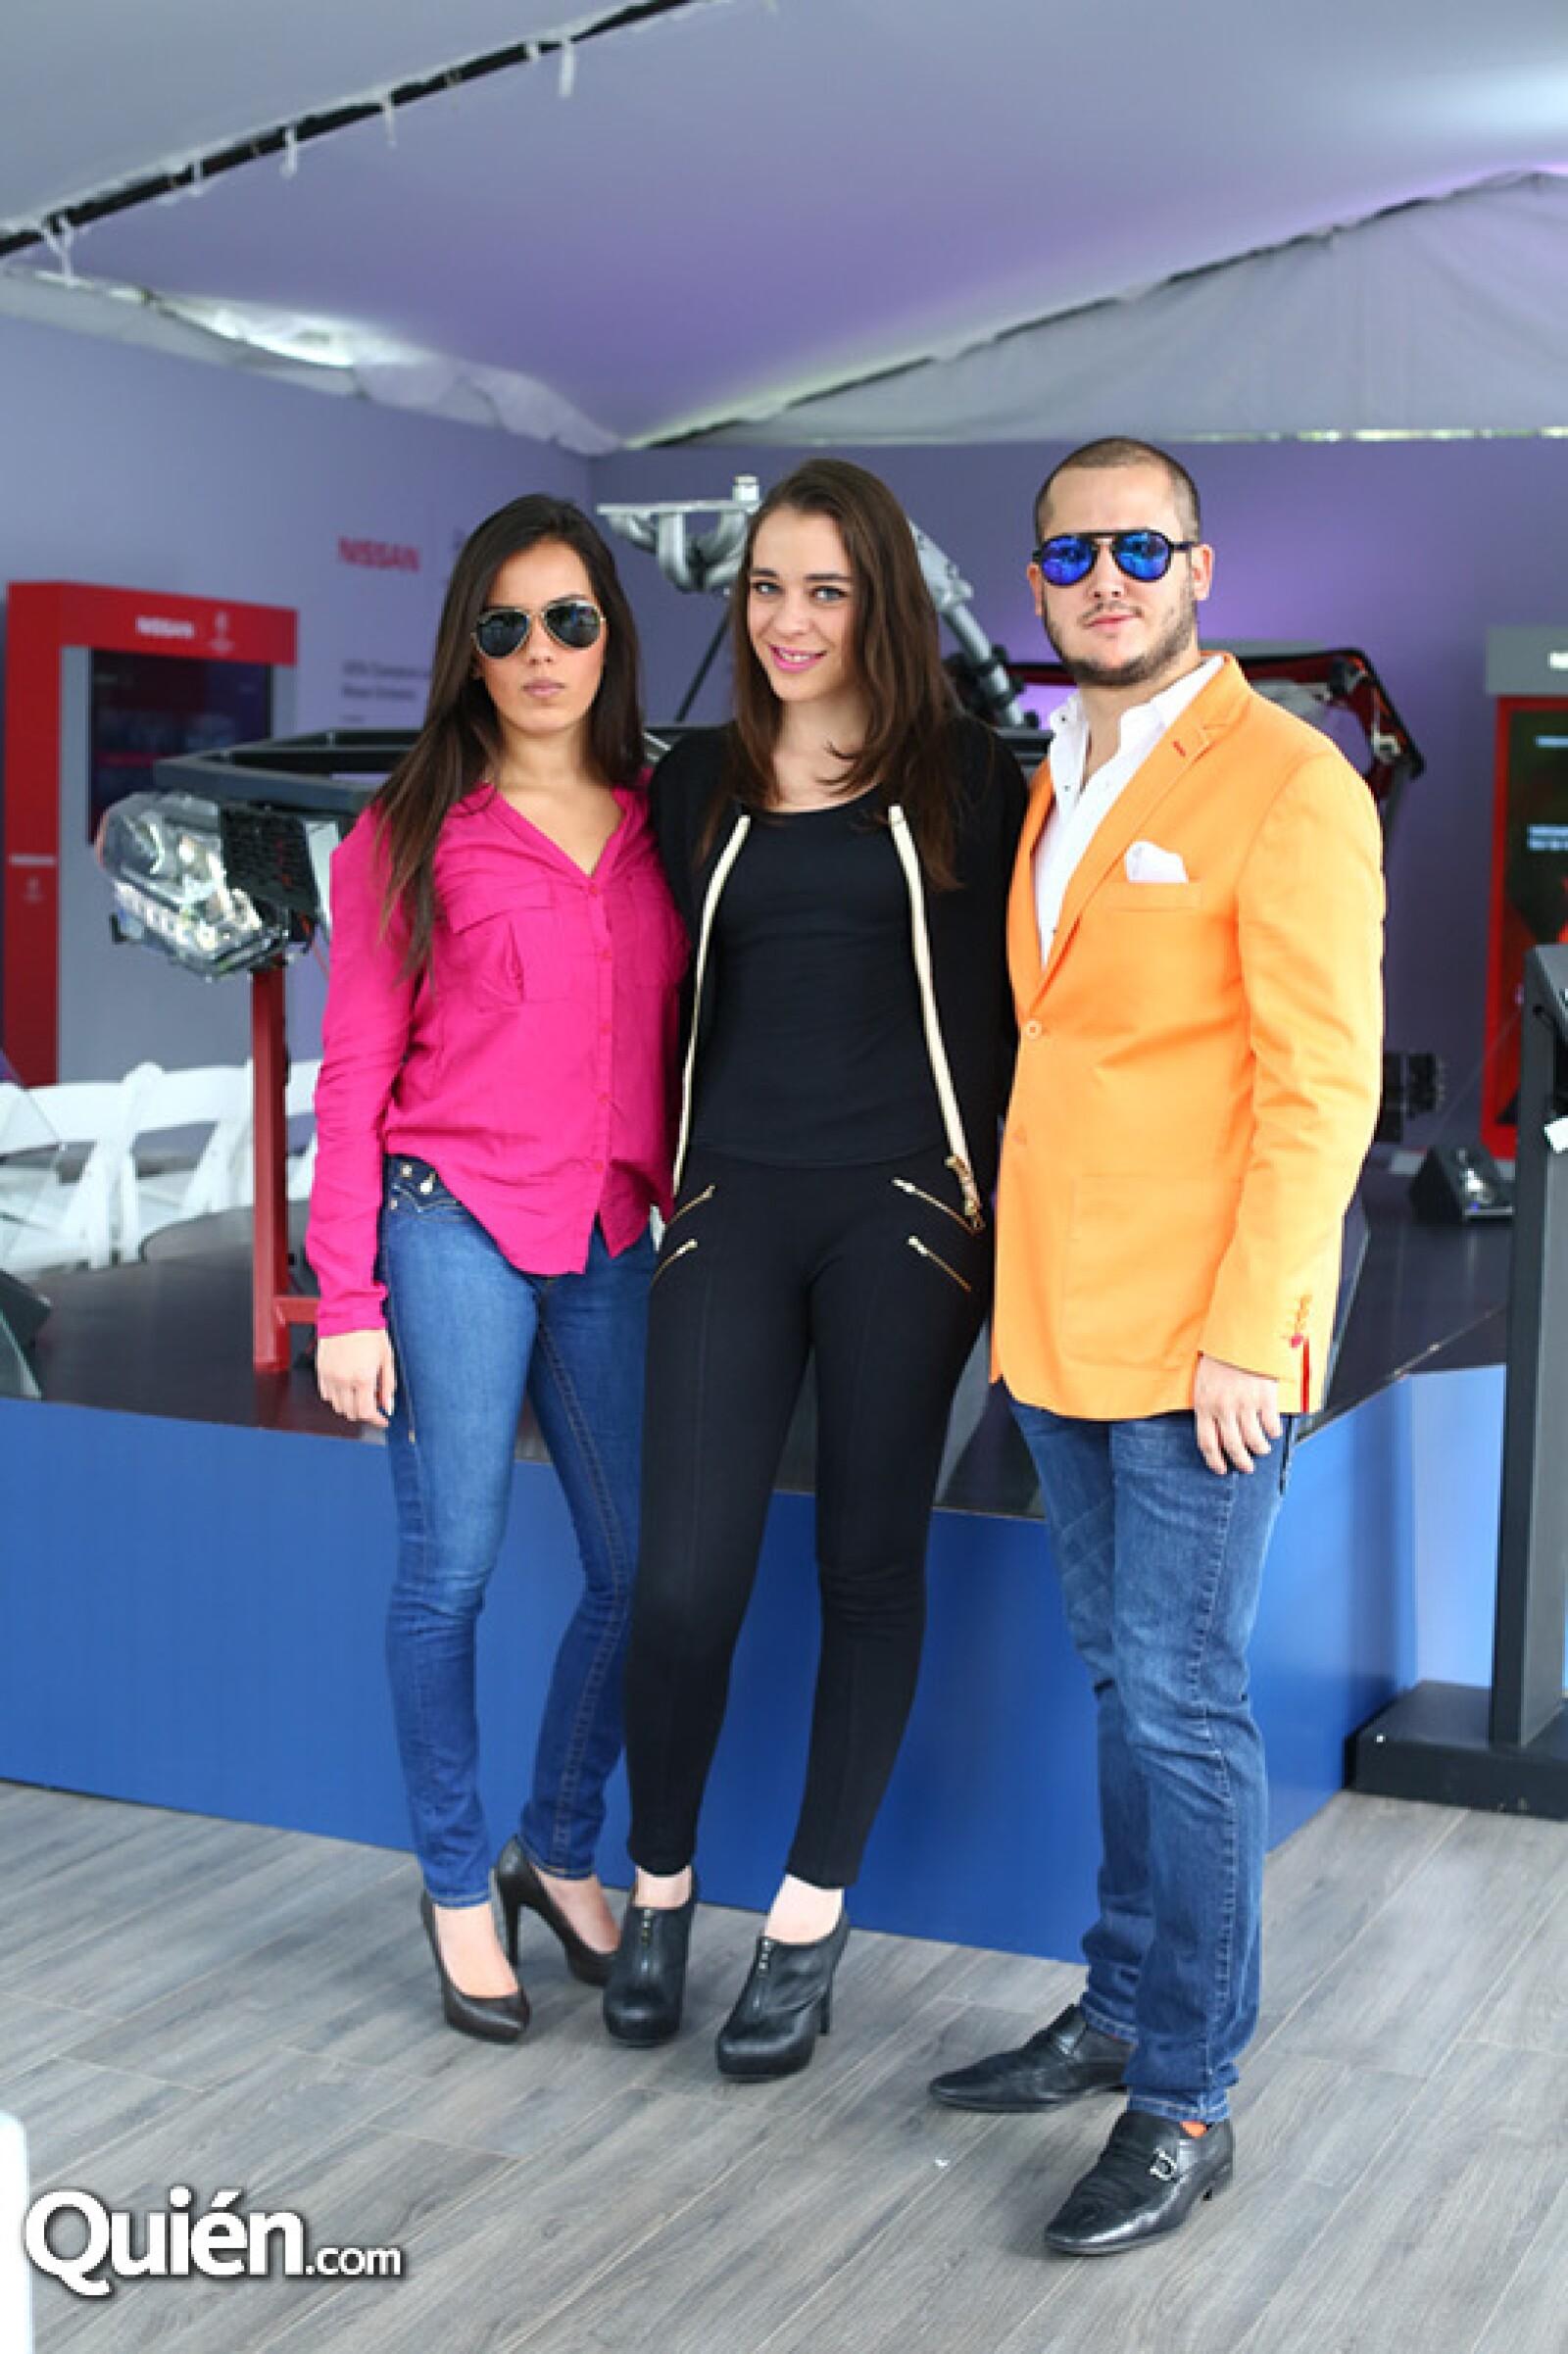 Valeria de Santiago, Pau Abreu y Alejandro Talavera